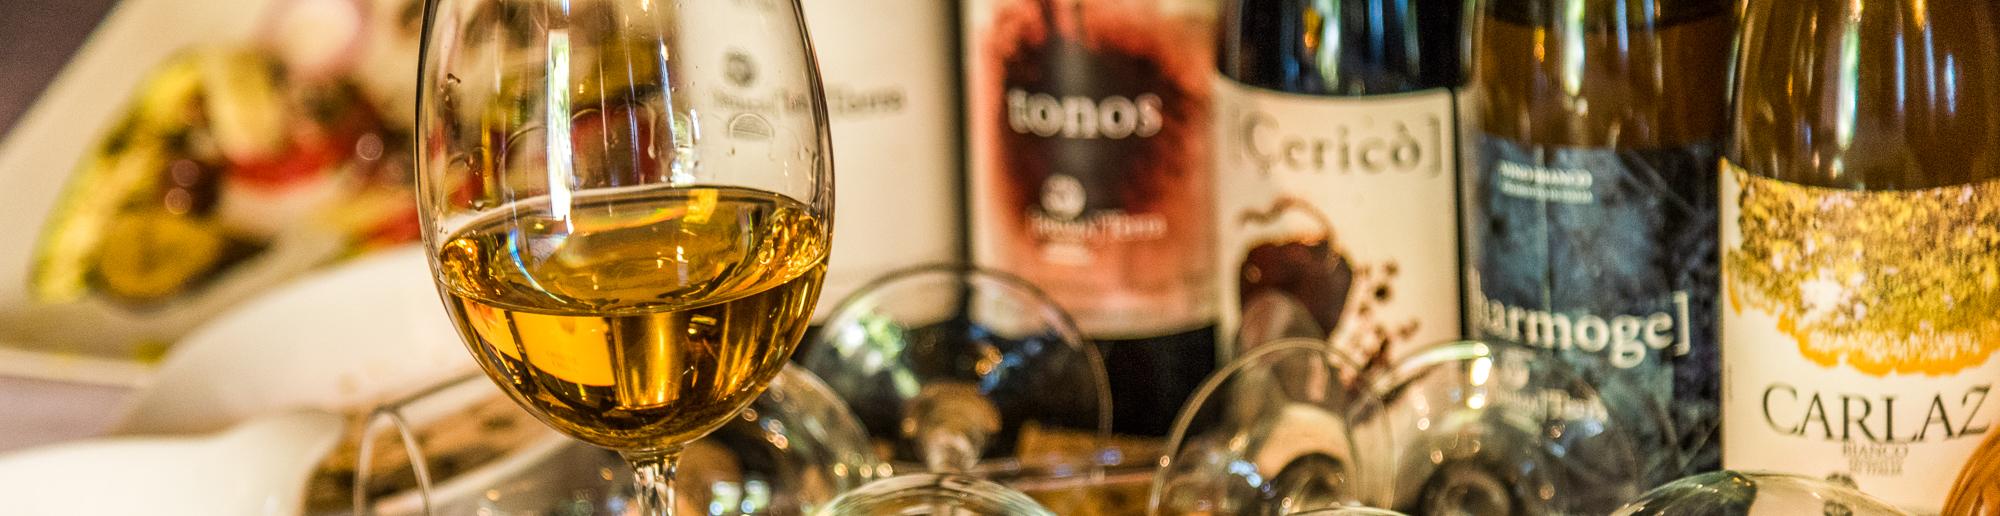 Eine Auswahl der Weine von Prima Terra in Ligurien